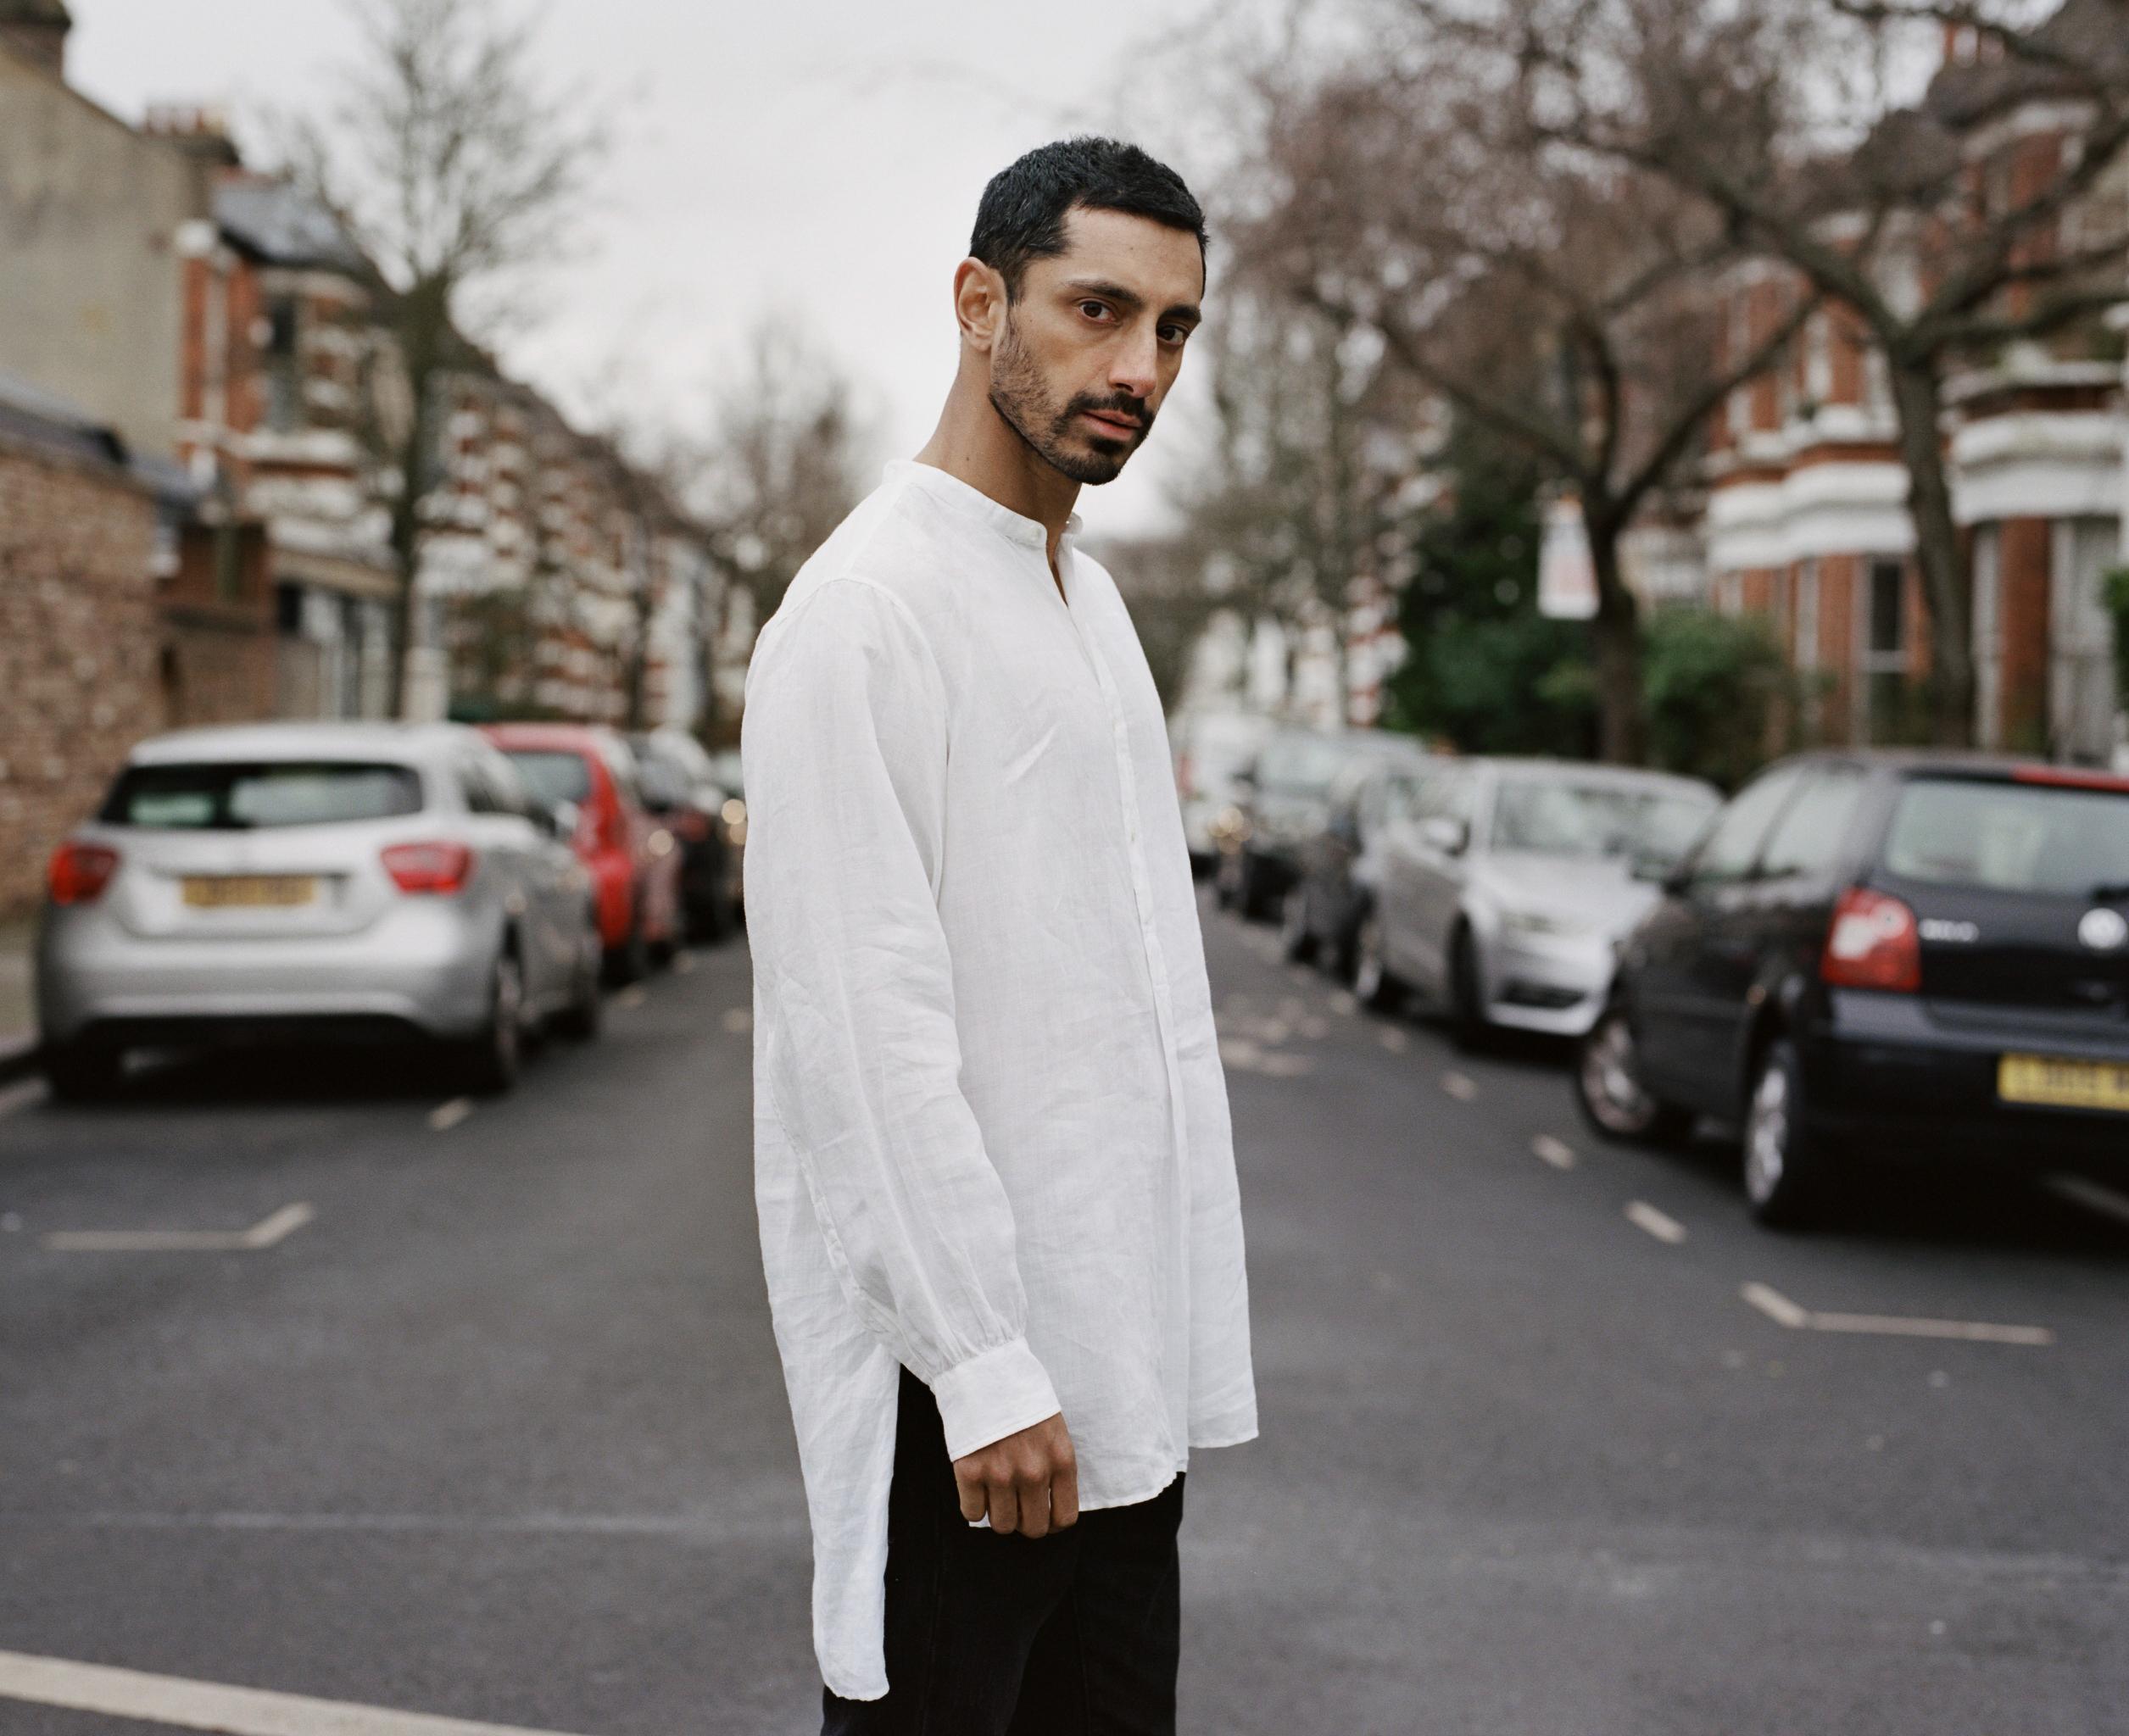 Riz Ahmed, courtesy Sharif Hamza